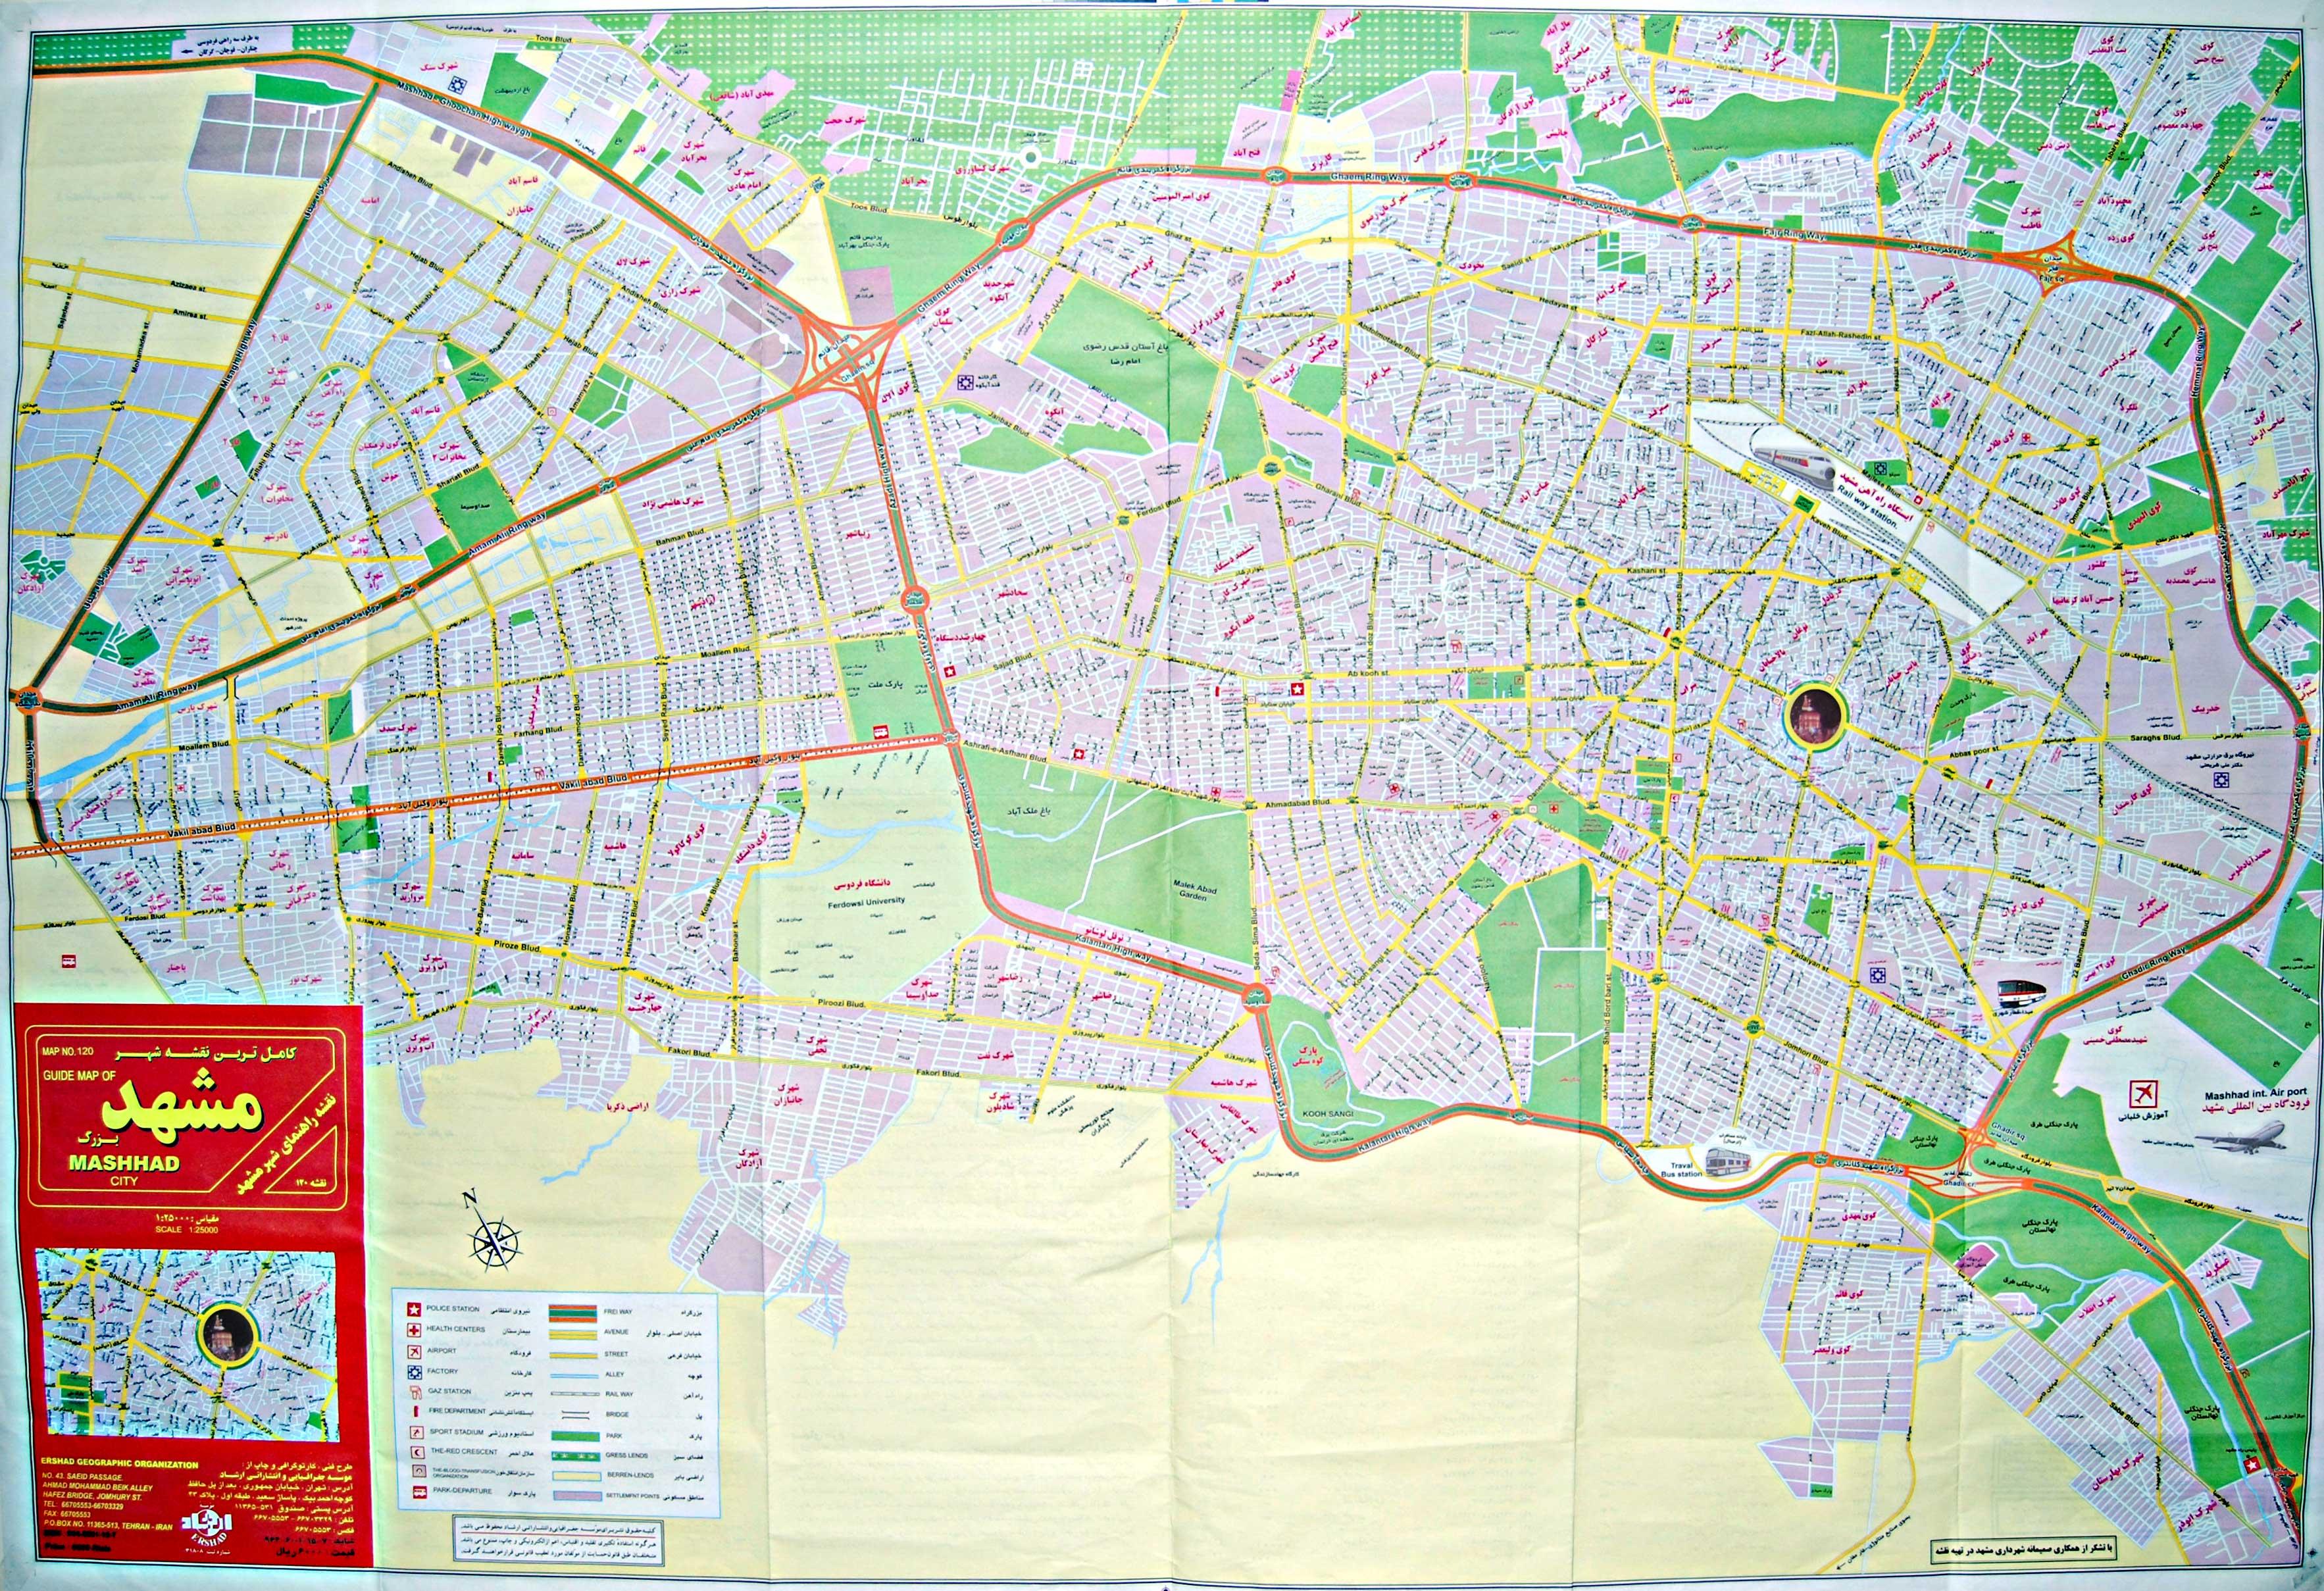 نقشه شماره دو